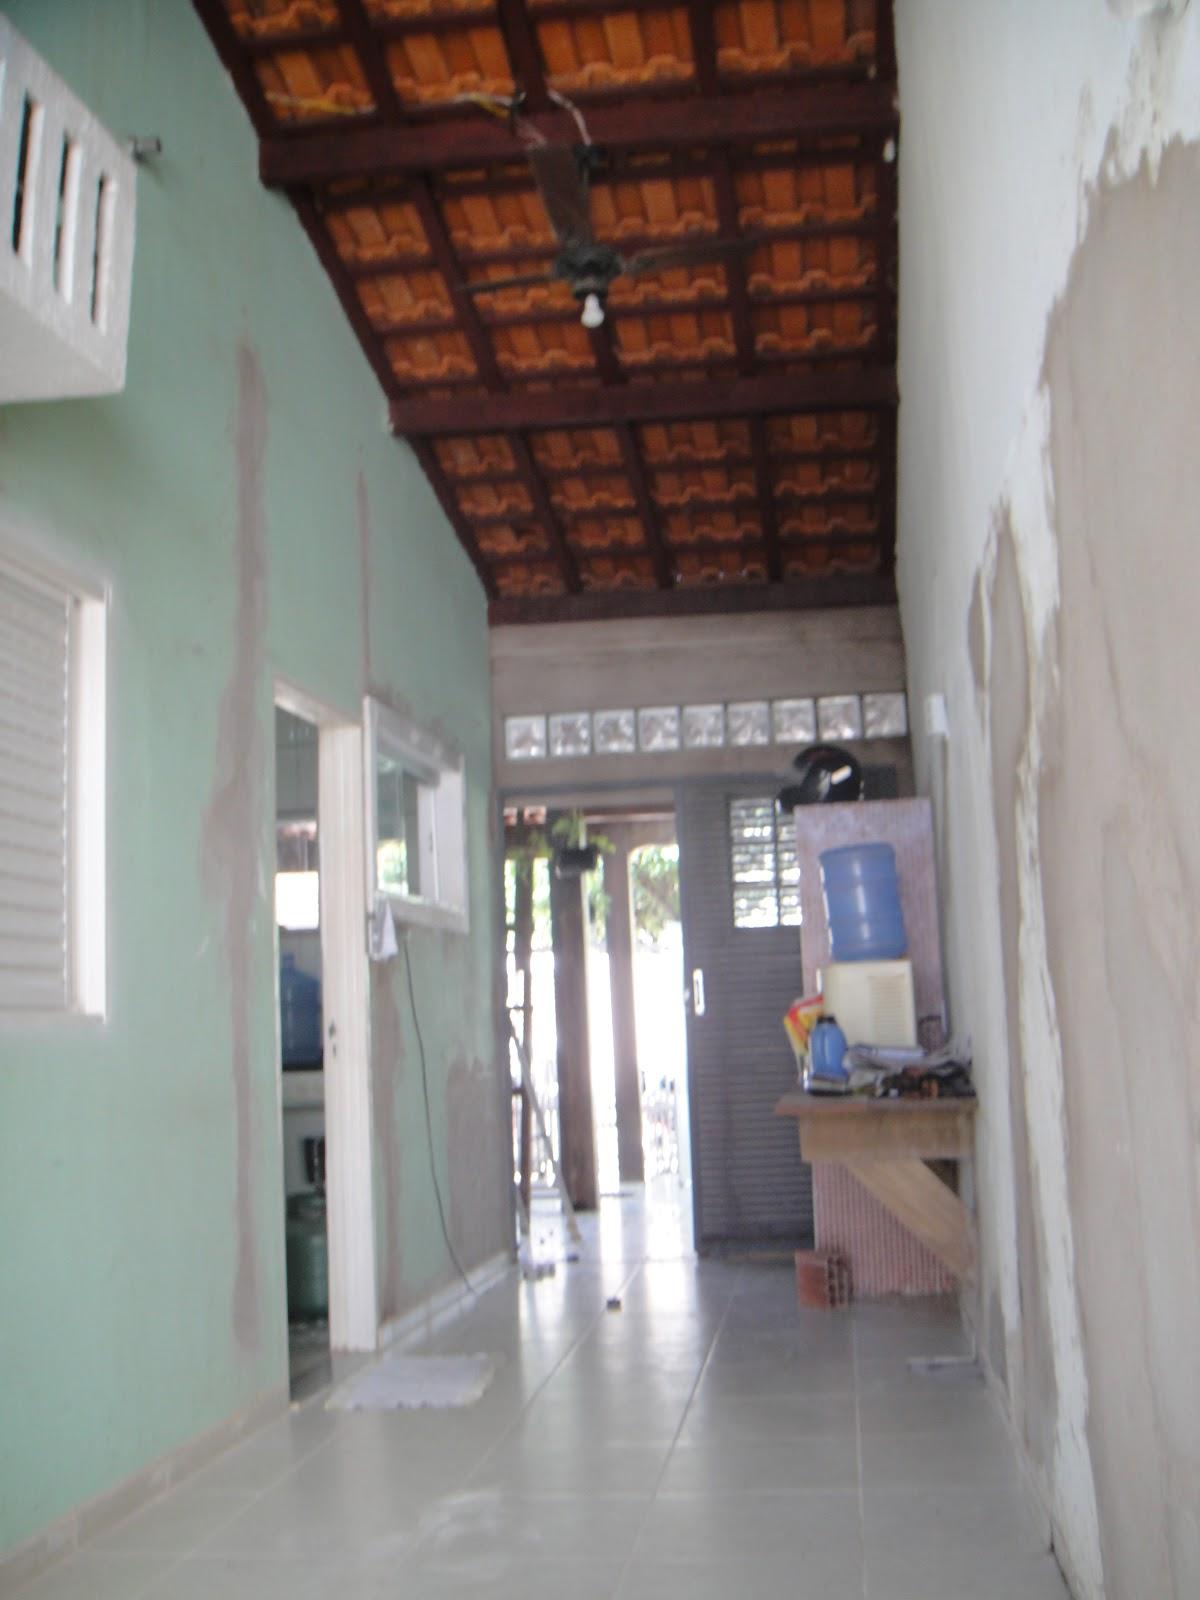 Arquitetura Projetos e Decoração: Reforma e Ampliação de  #6D3823 1200 1600